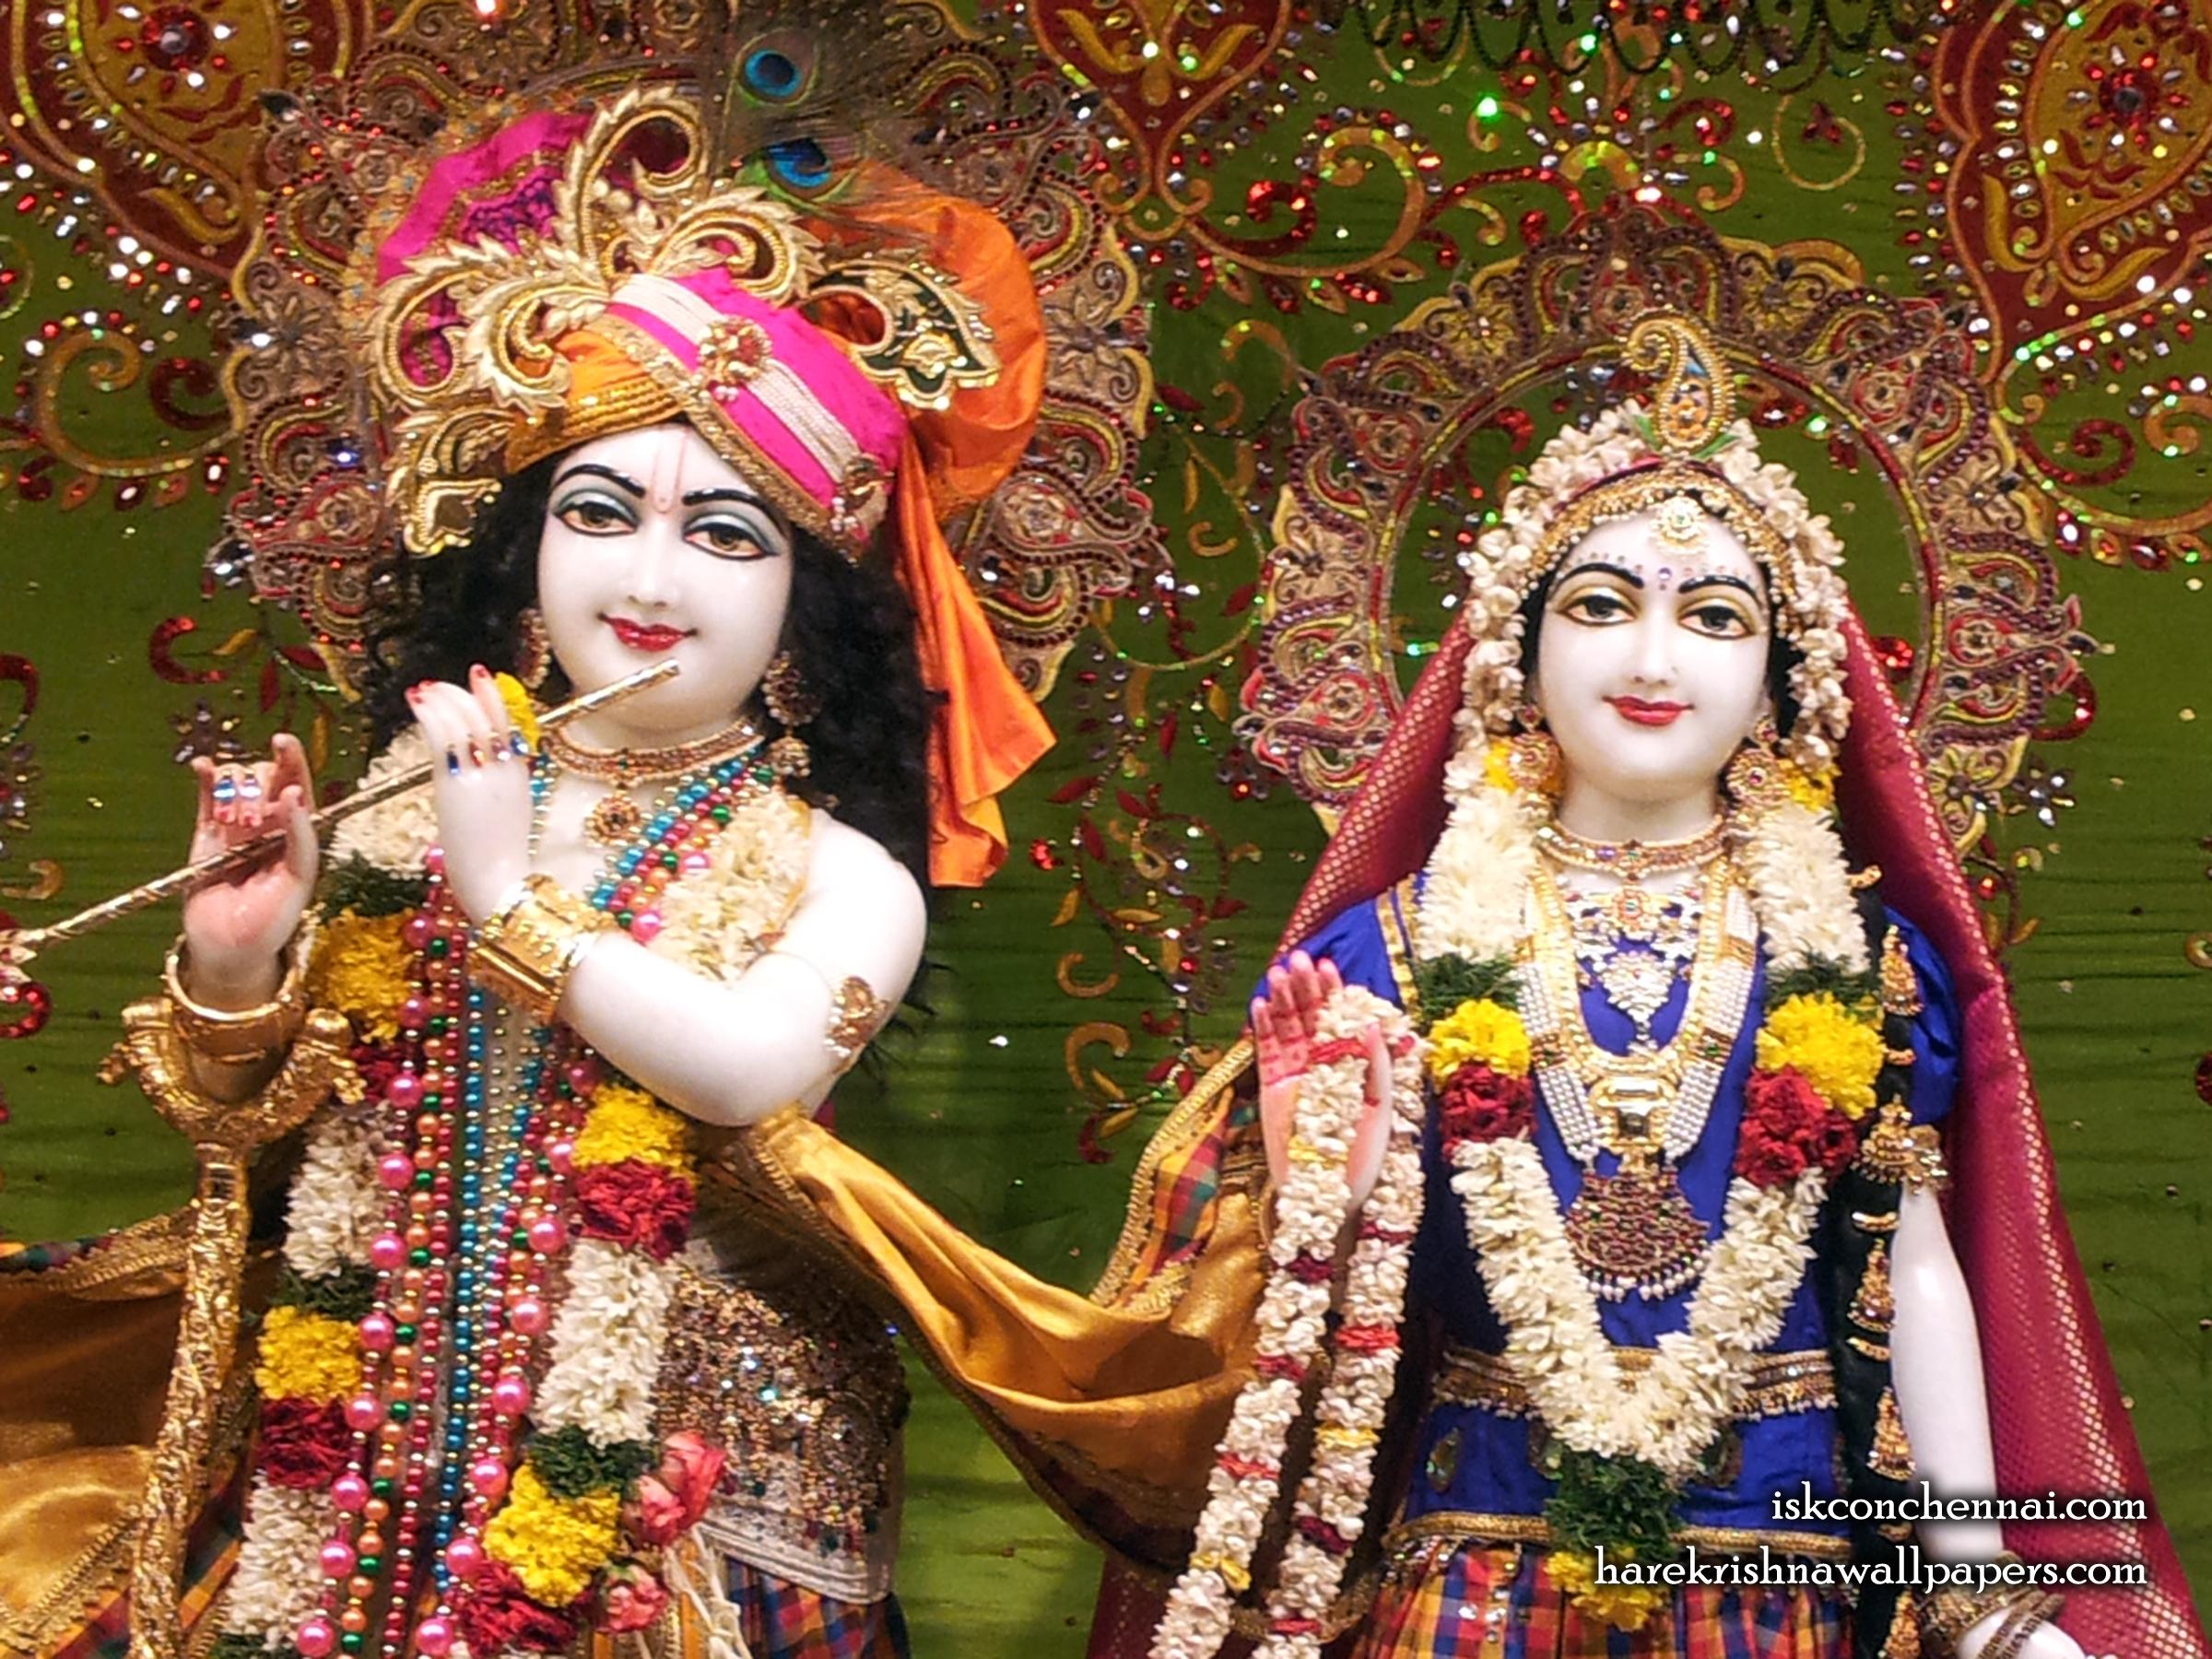 Sri Sri Radha Krishna Close up Wallpaper (006) Size 2400x1800 Download